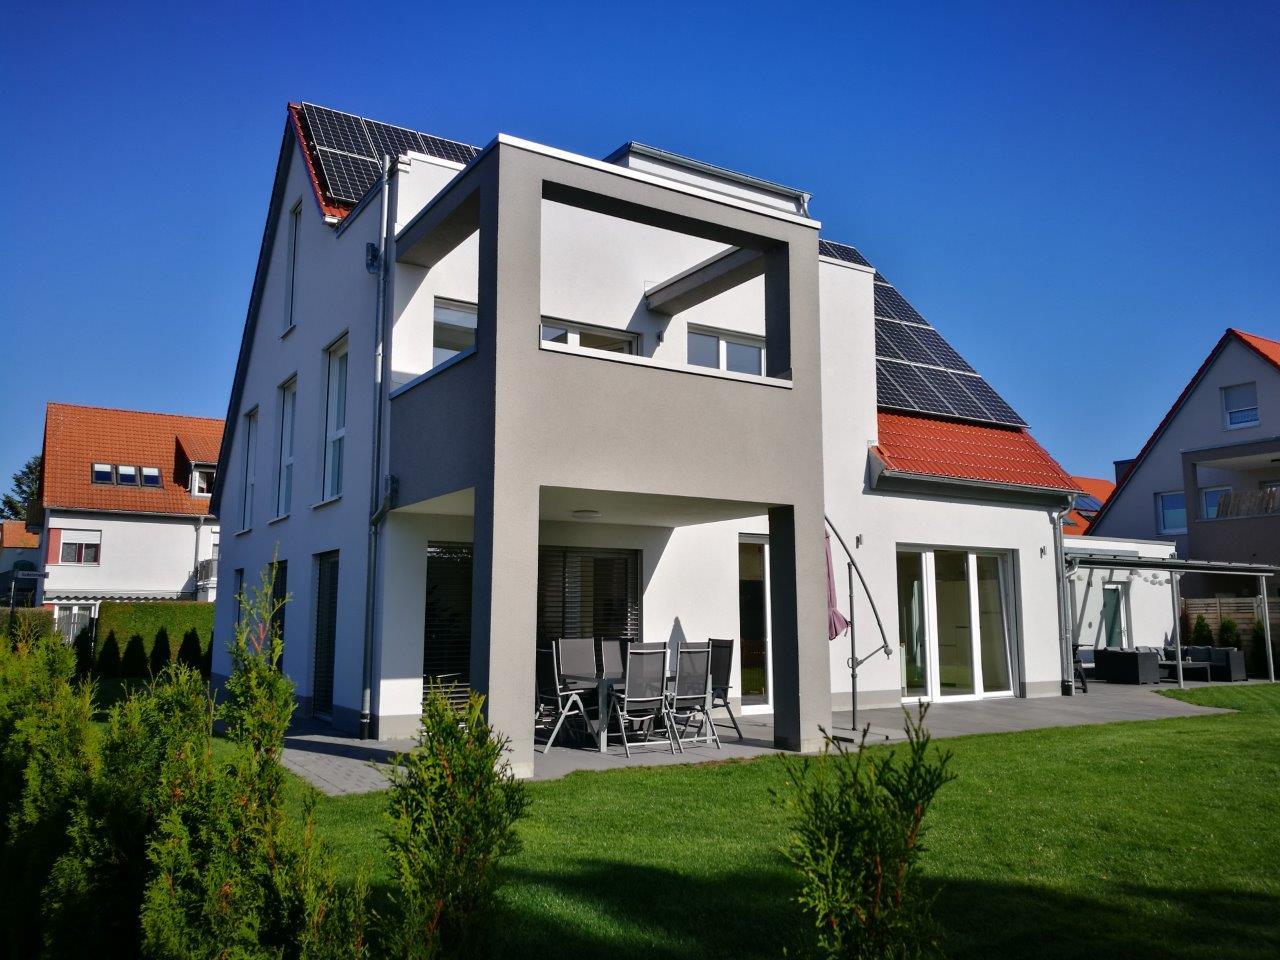 Ferienhaus Stahl (Muhr am See). Ferienwohnung (85q Ferienwohnung in Deutschland